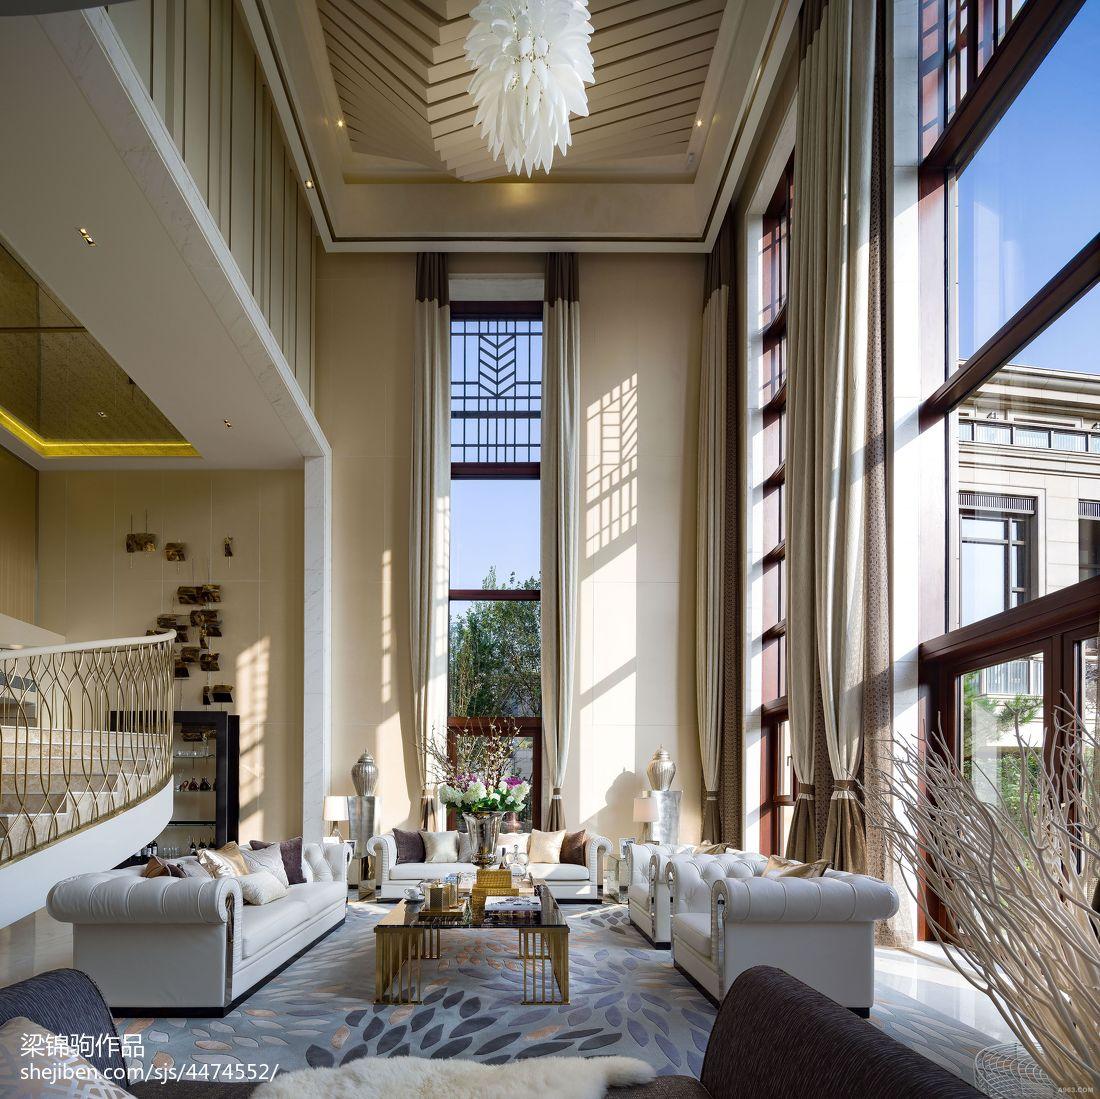 质朴845平现代别墅客厅装修图片客厅窗帘现代简约客厅设计图片赏析